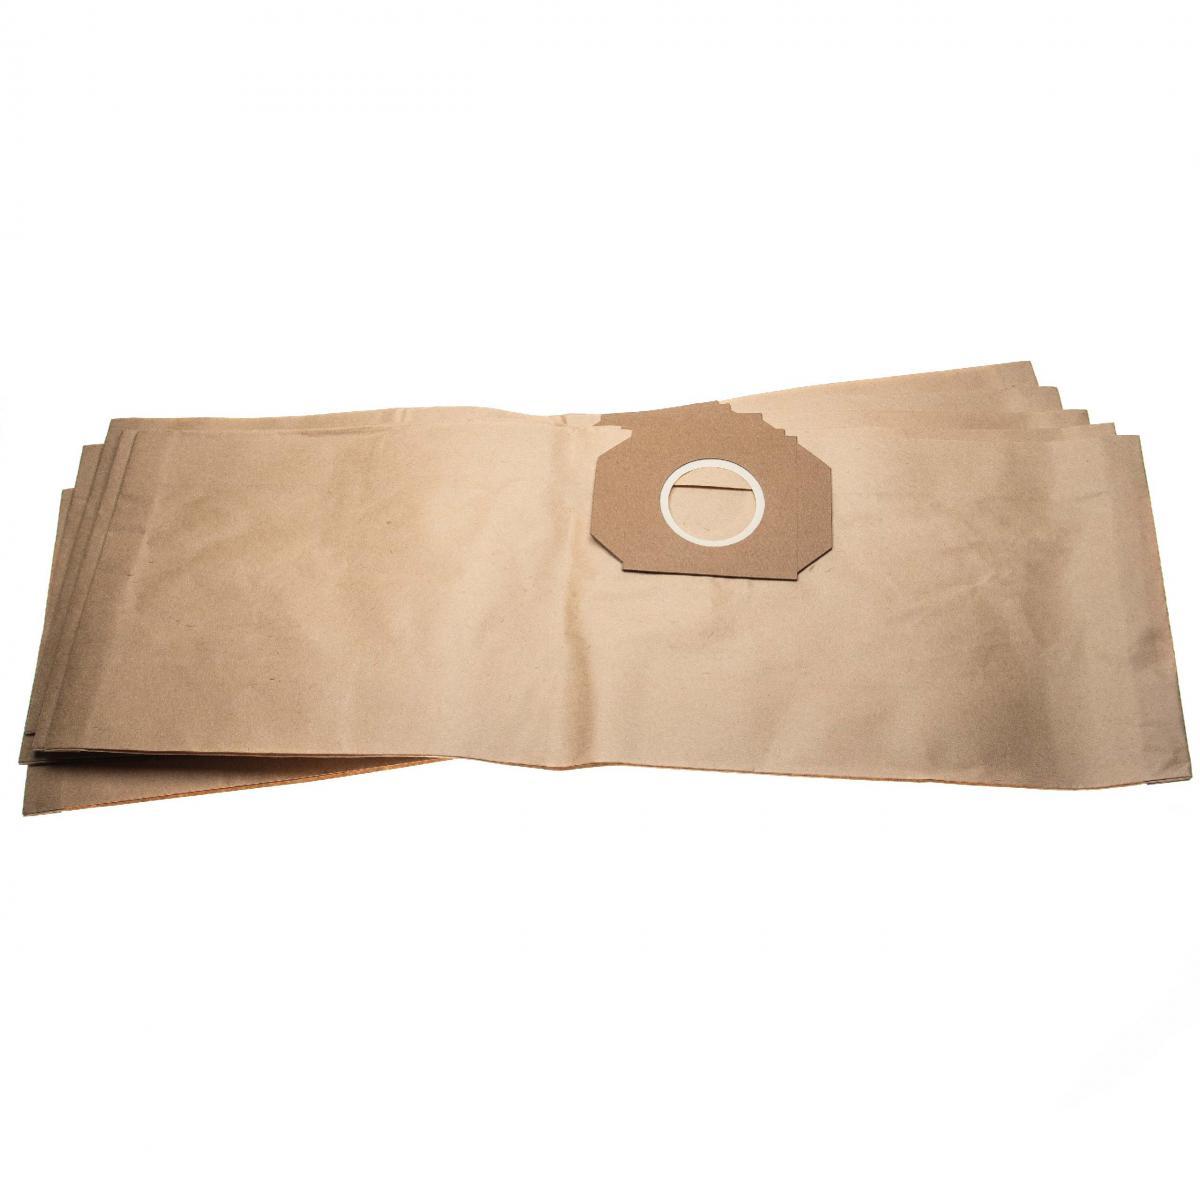 Vhbw vhbw 10 sacs papier compatible avec Thomas Vario 20 S aspirateur 63,3cm x 22cm